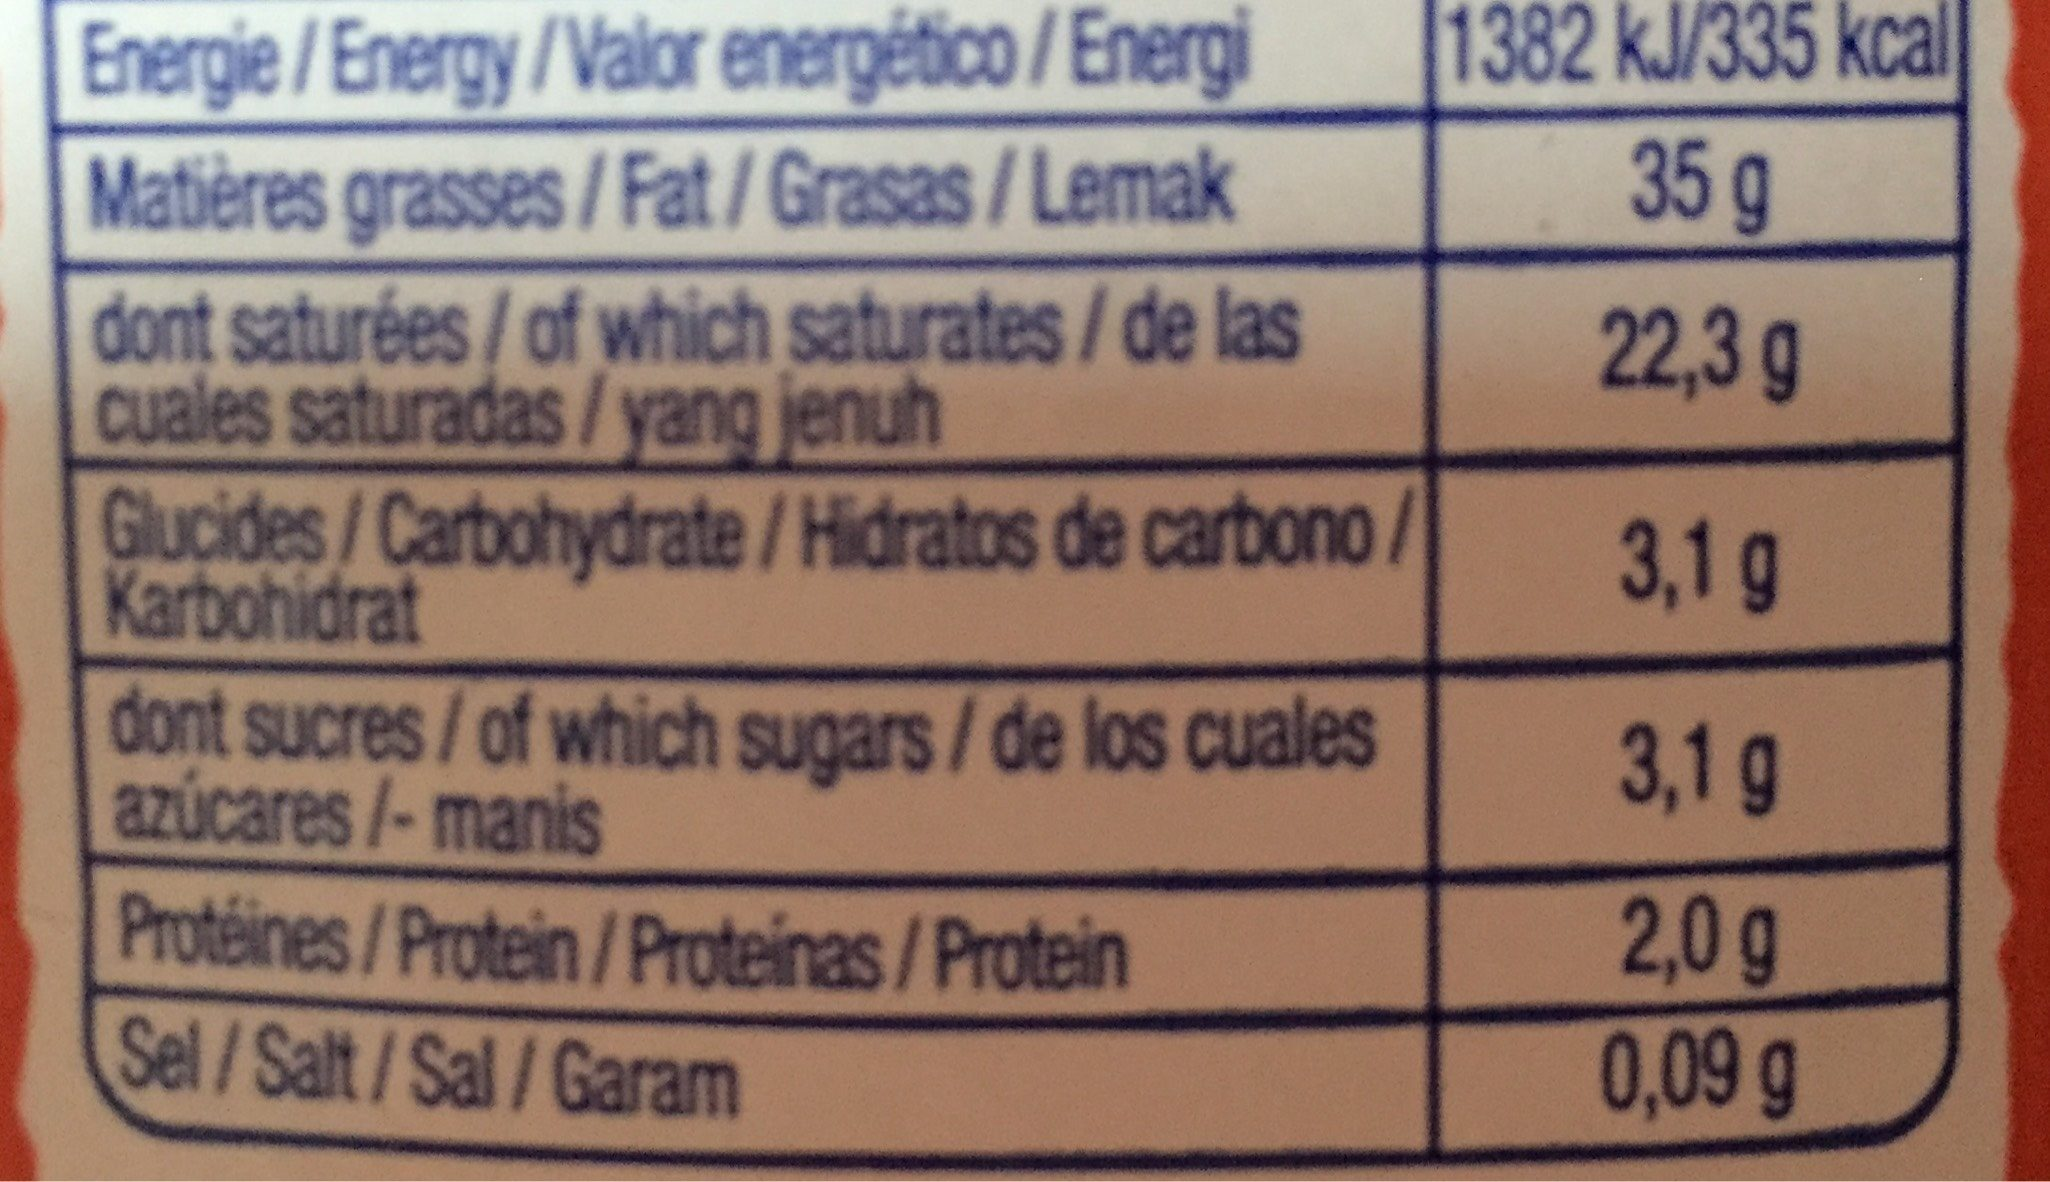 Crème - Informations nutritionnelles - fr